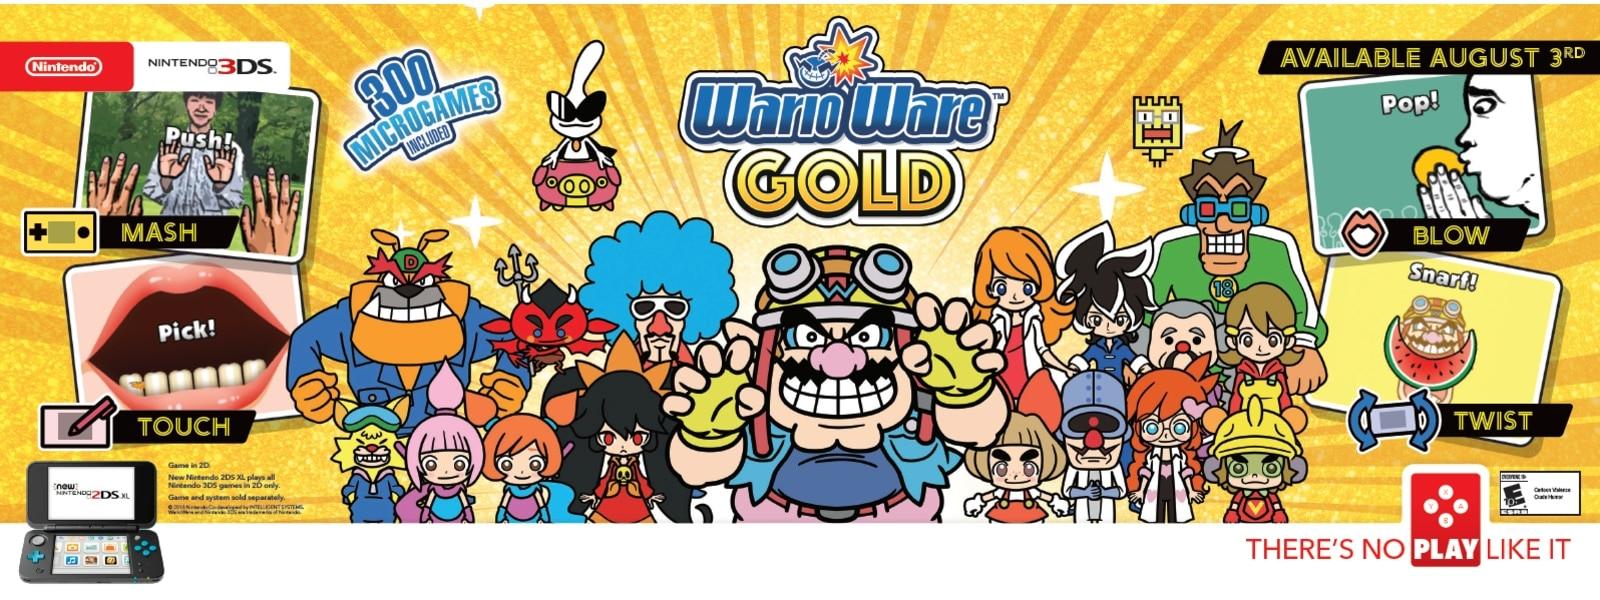 WarioWare_Banner.jpg